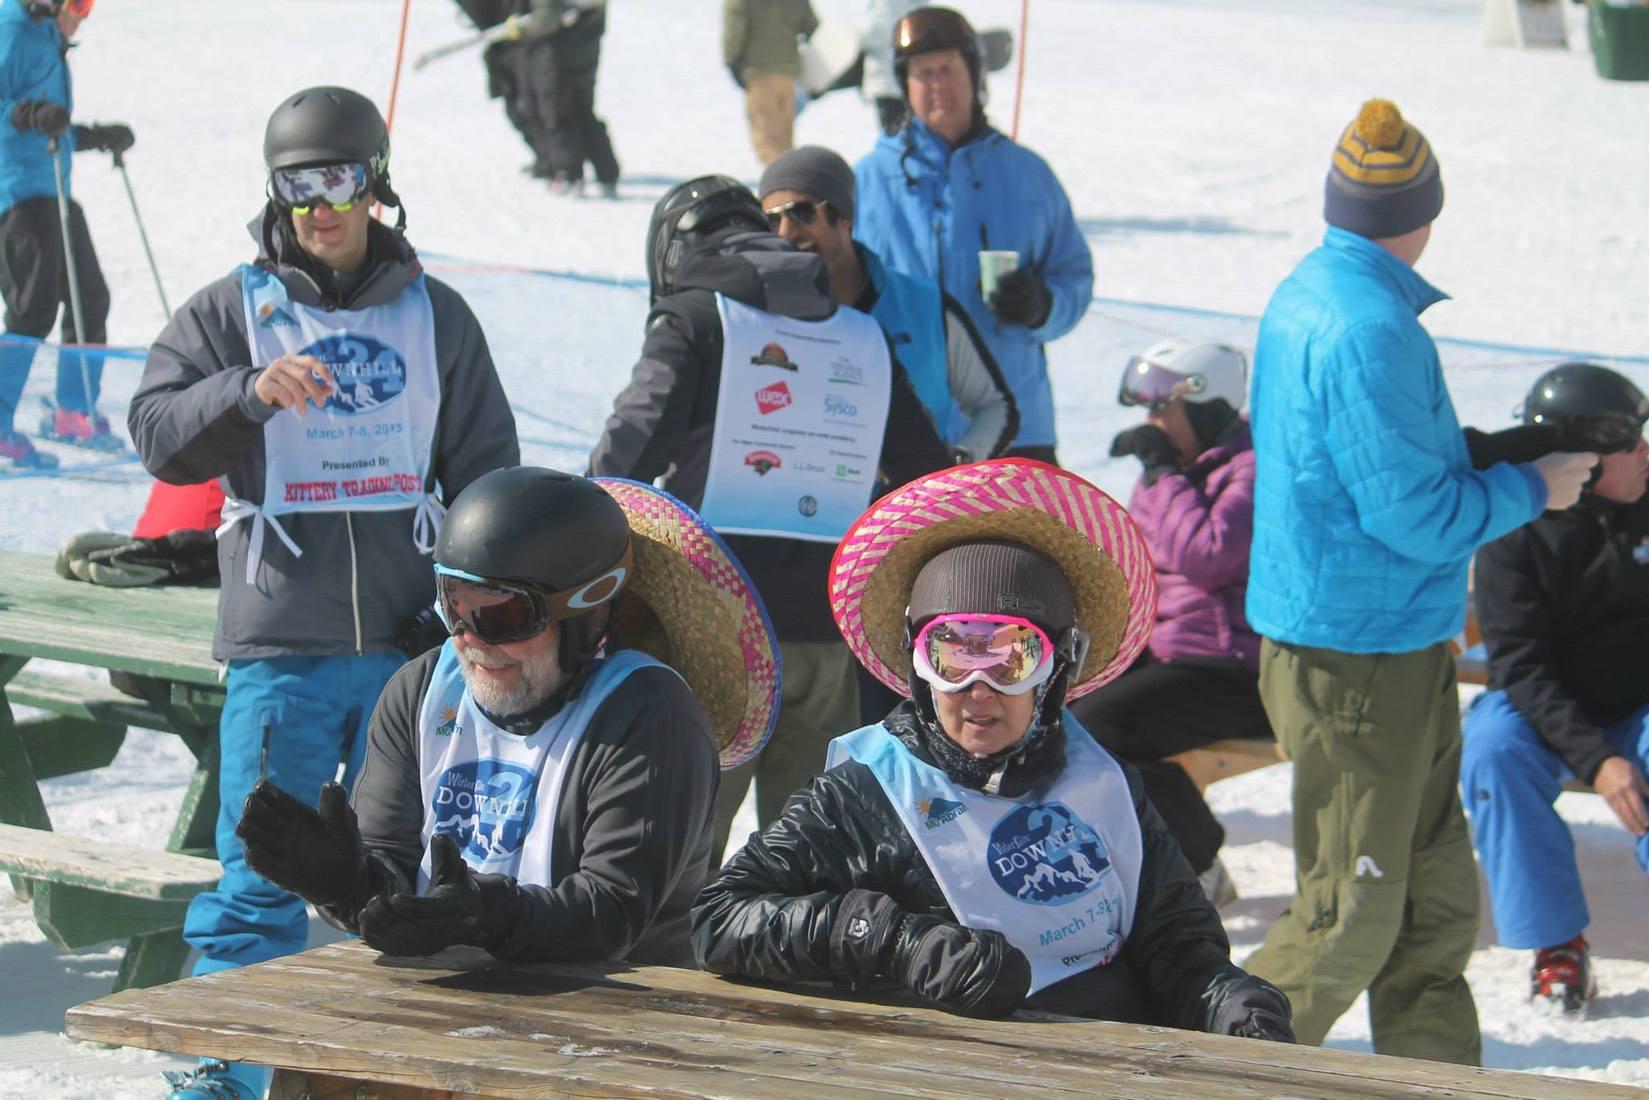 WinterKids Downhill24 2015 Mount Abram104